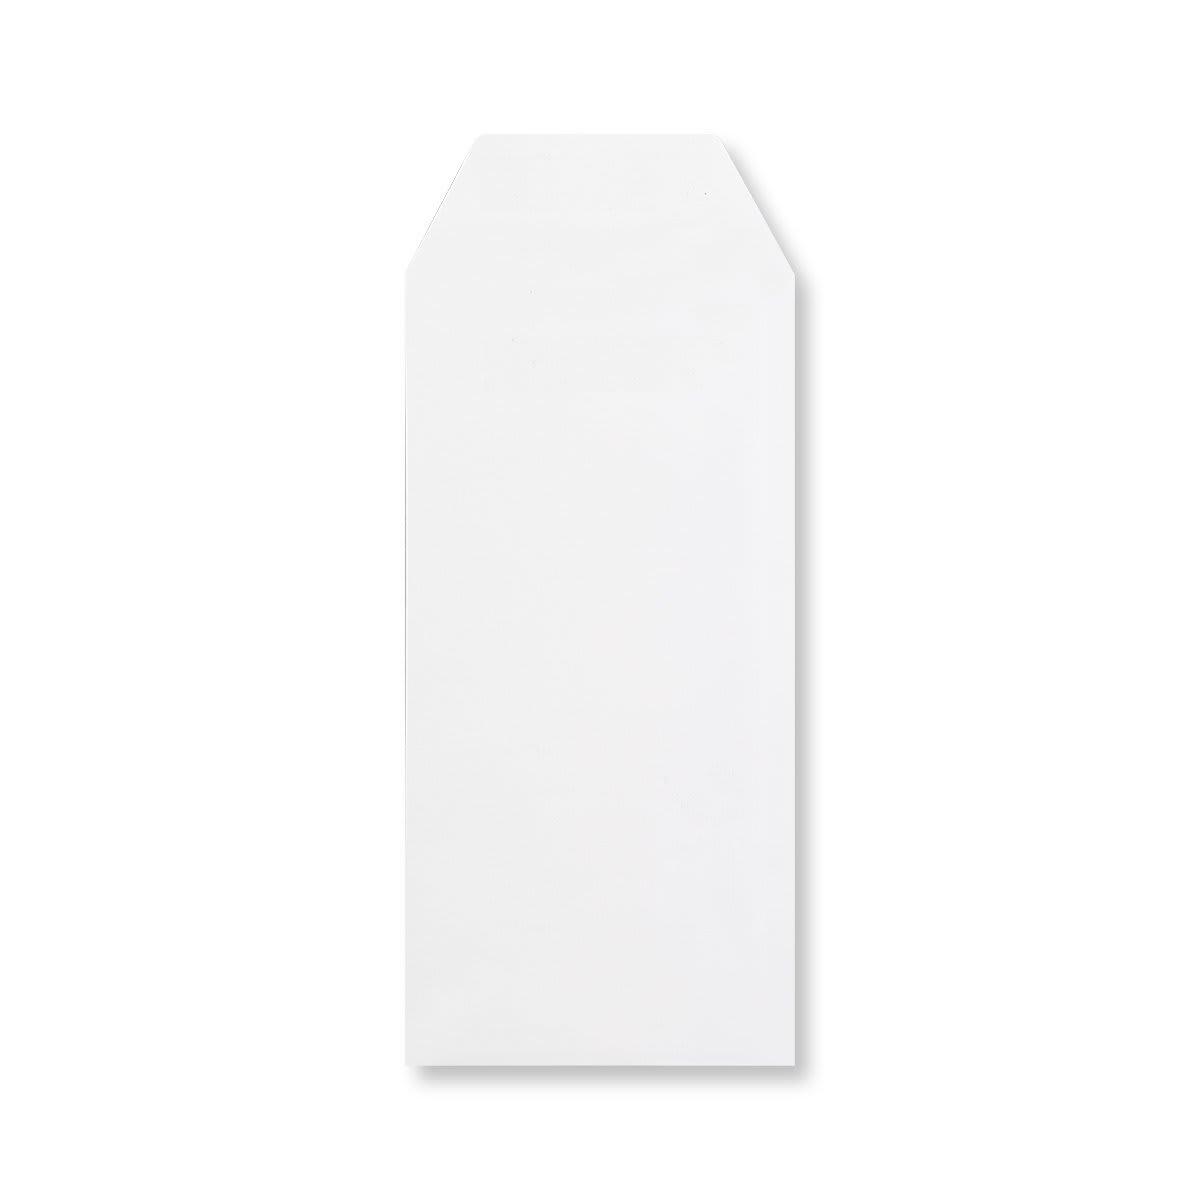 DL WHITE POCKET ENVELOPES 90GSM